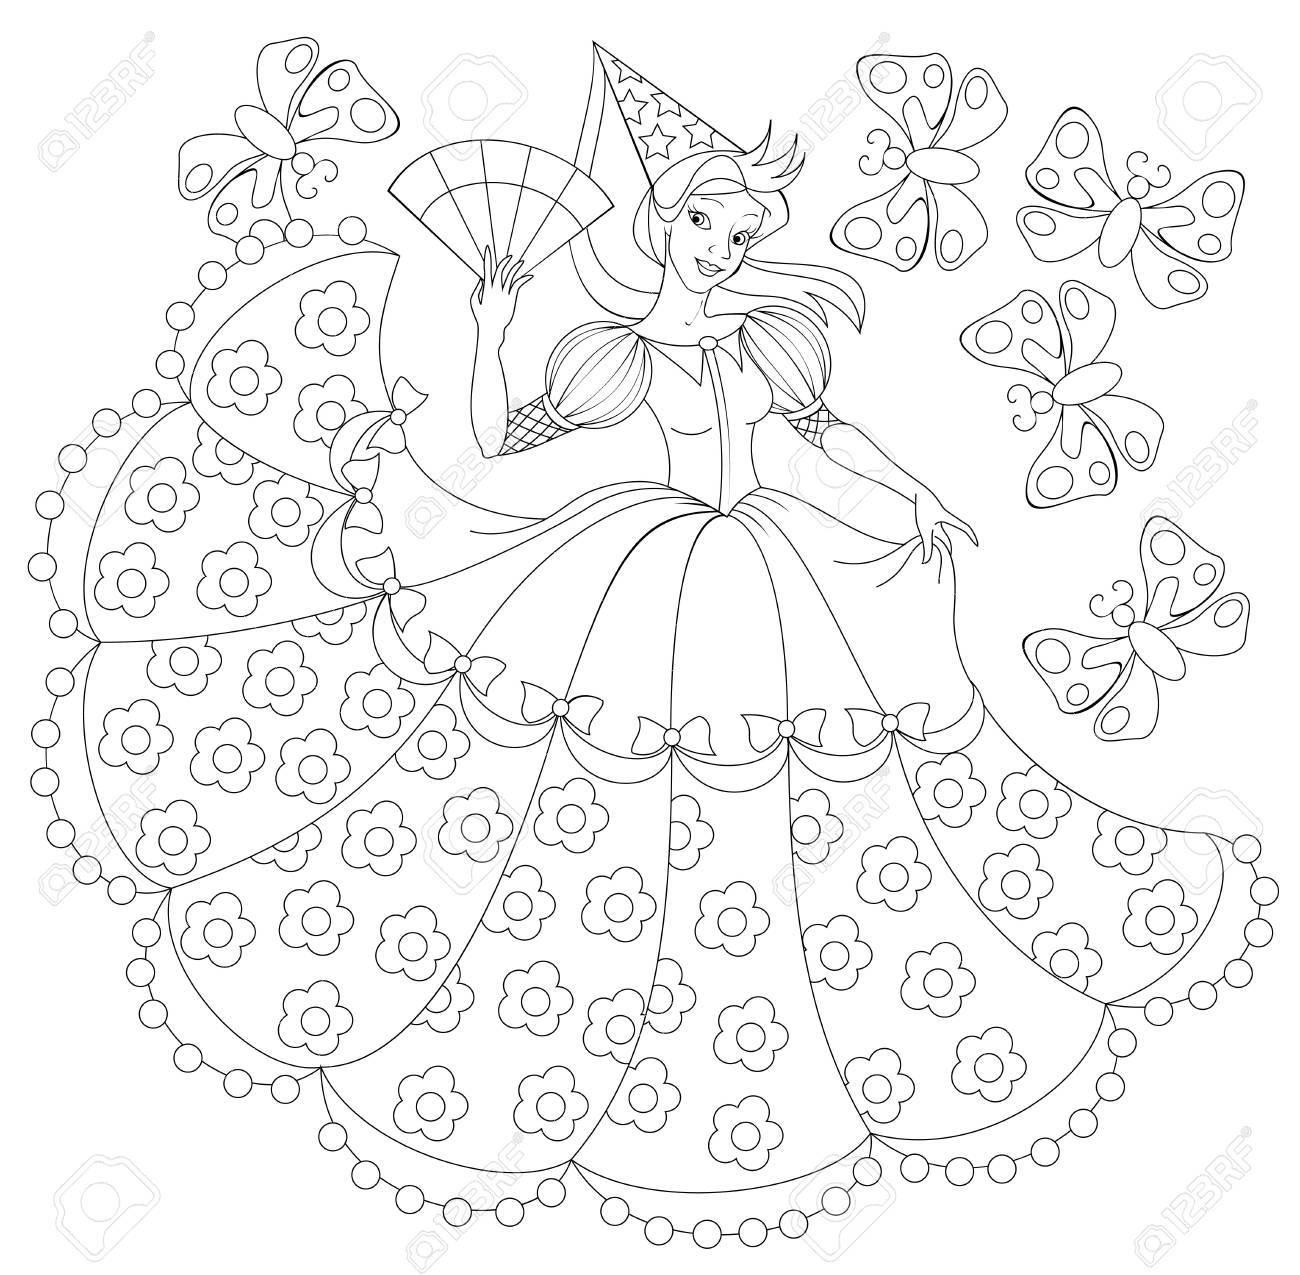 Ilustración En Blanco Y Negro De La Princesa Para Colorear ...